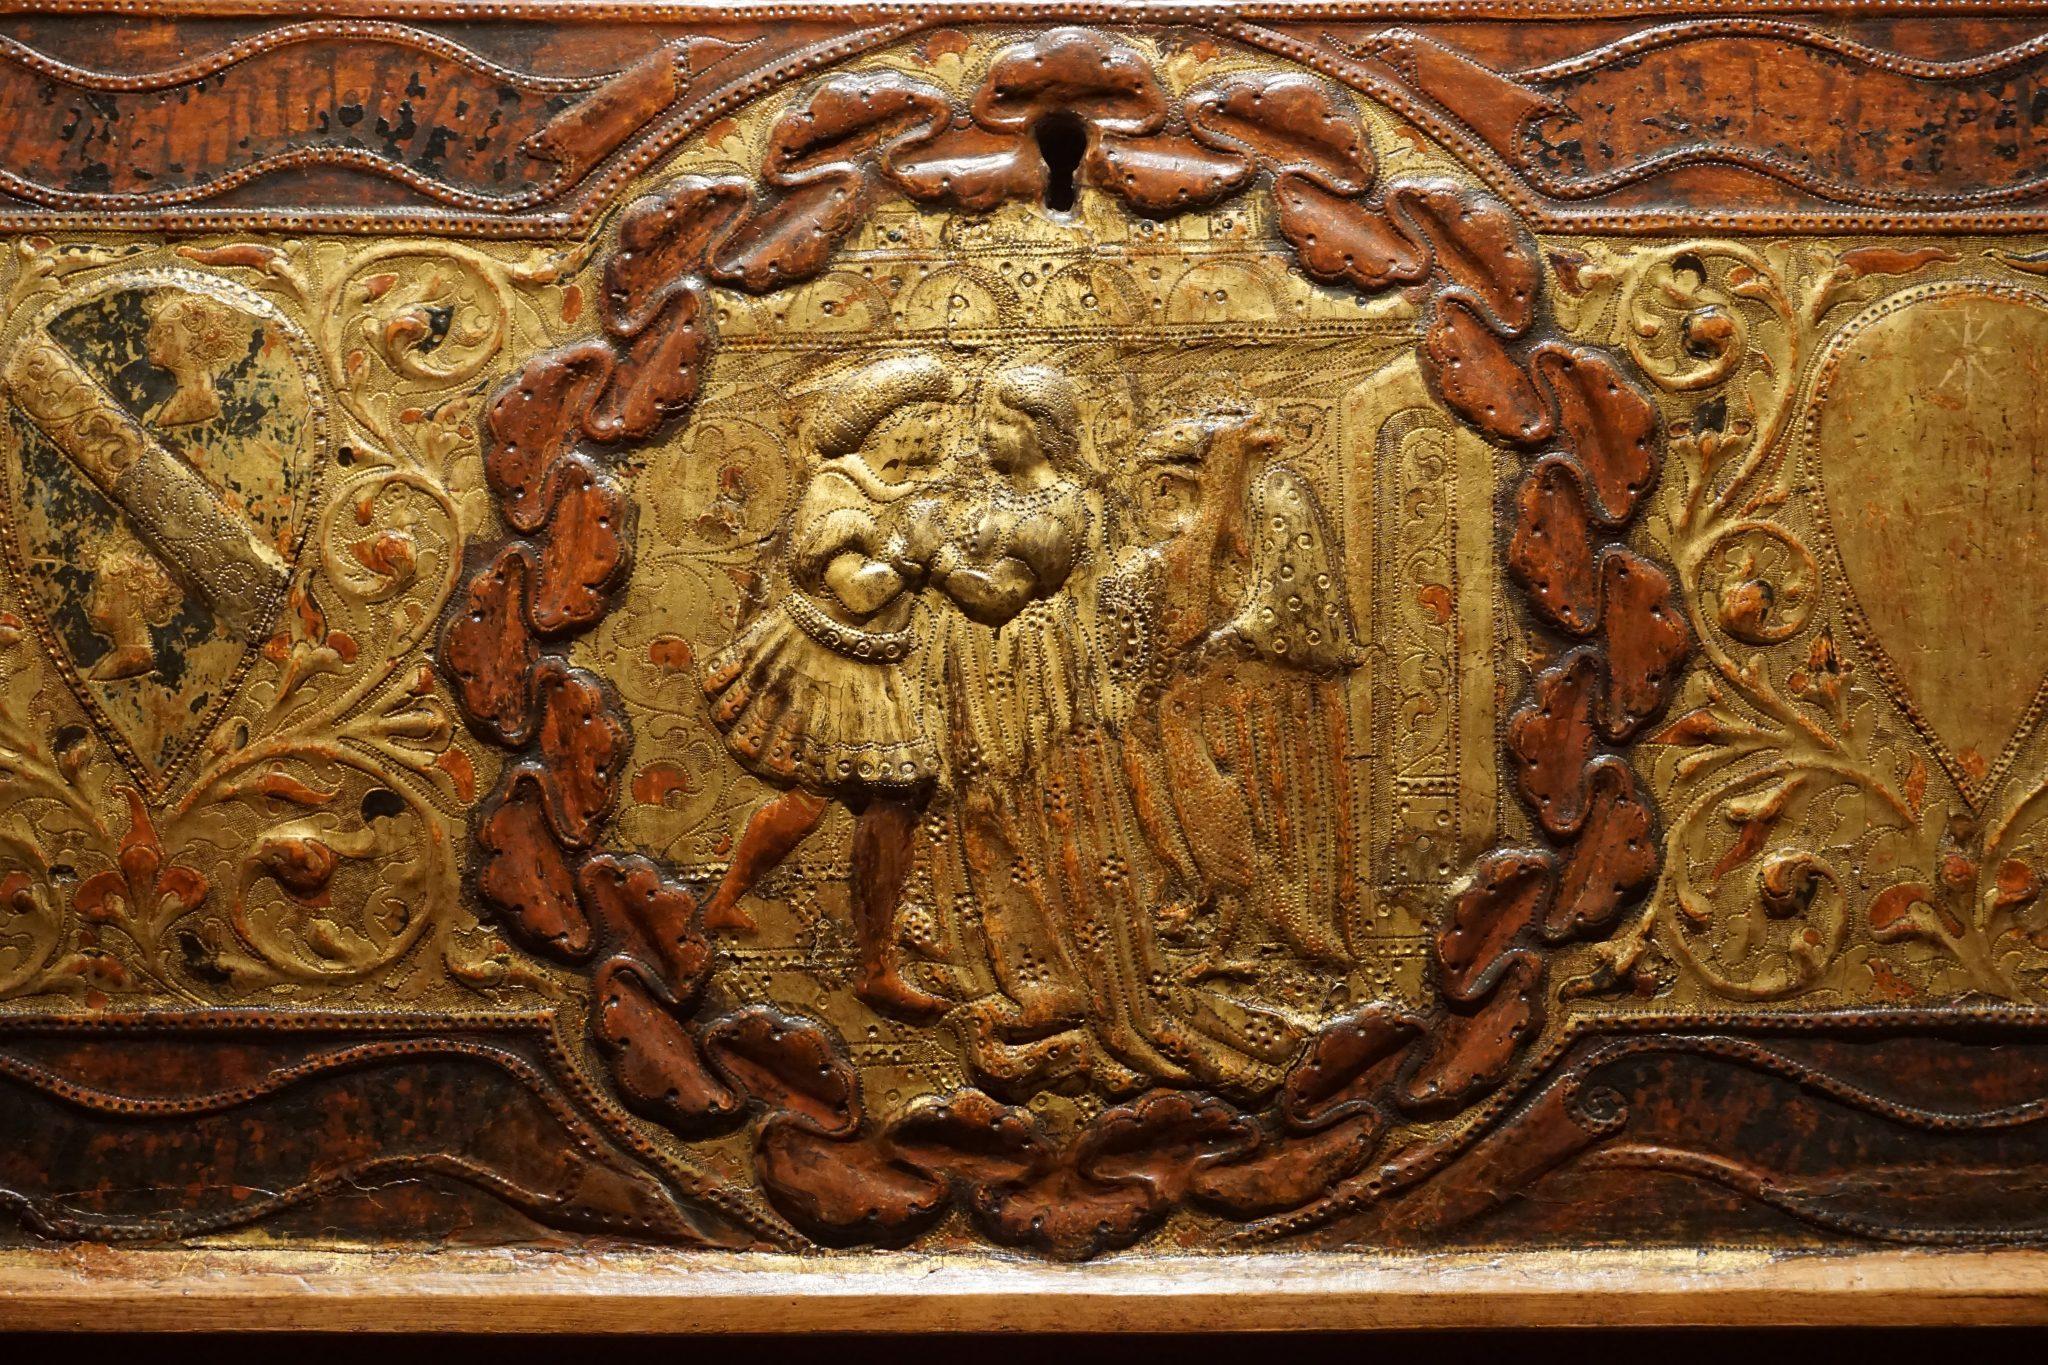 Oltre Firenze. L'importanza dell'arte umbra nel primo rinascimento, il meglio della manifattura dell'epoca